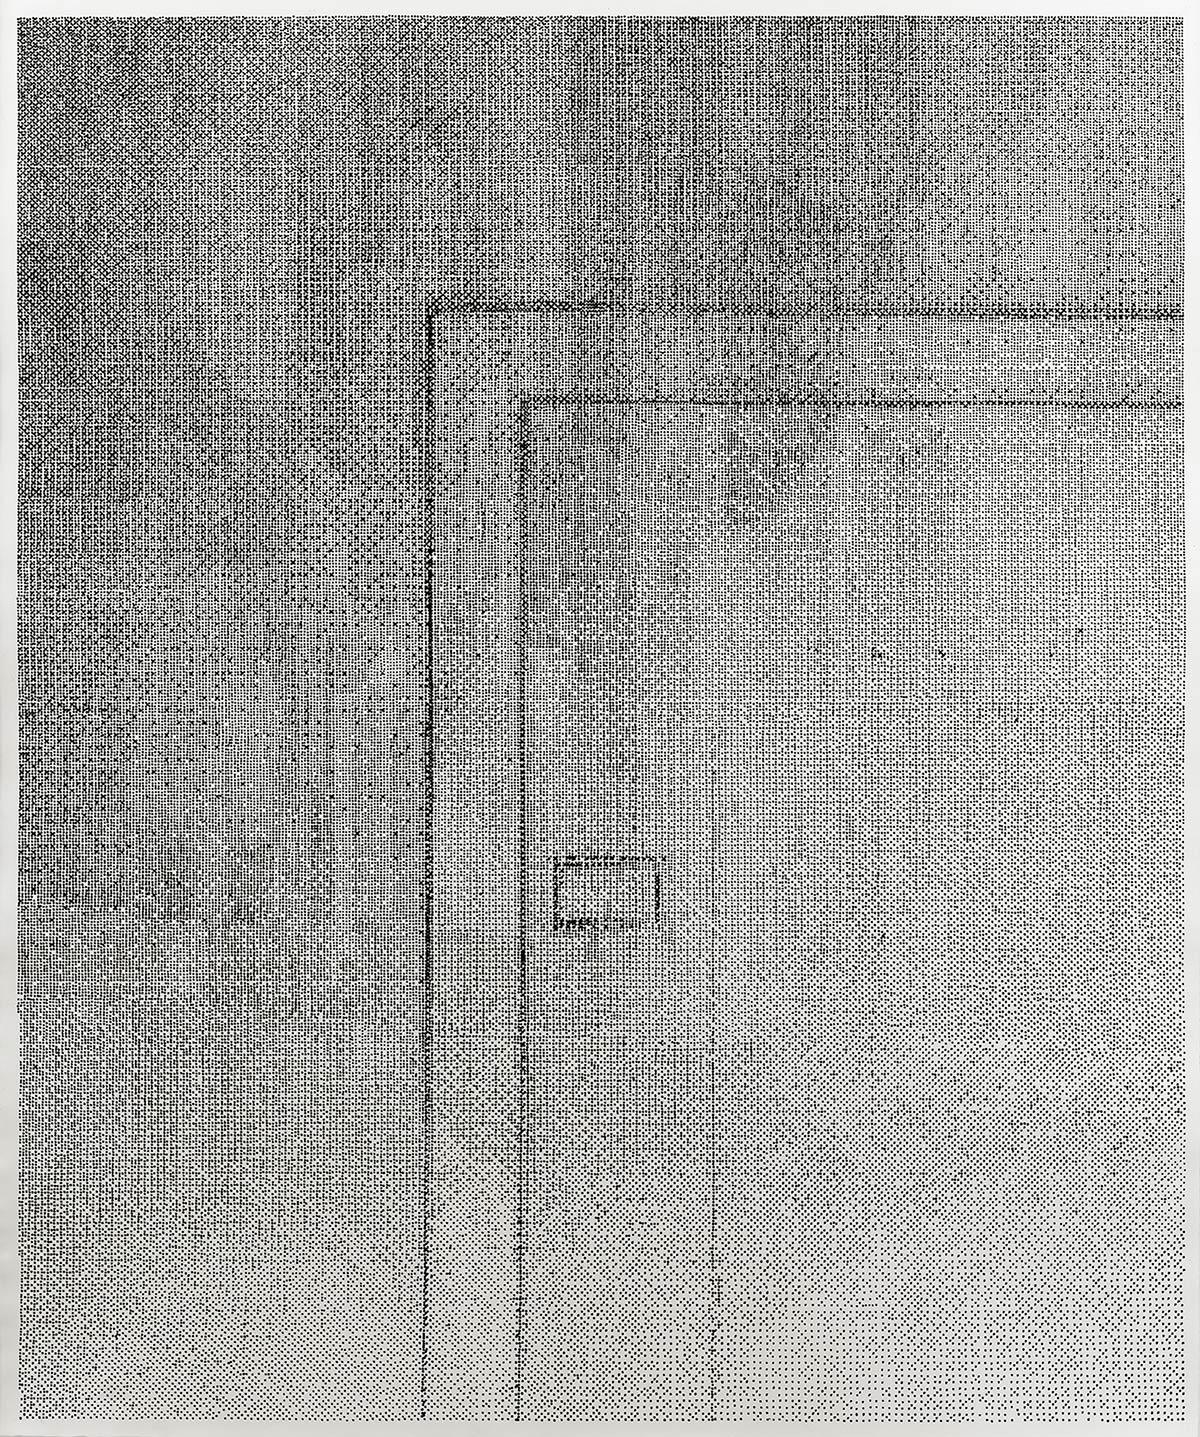 Lichtverlauf Tür I-IV 2020/21, 4-teilig Kaltnadelradierung auf Zerkall Bütten III-IV je 117 x 98 cm (Blattmaß)